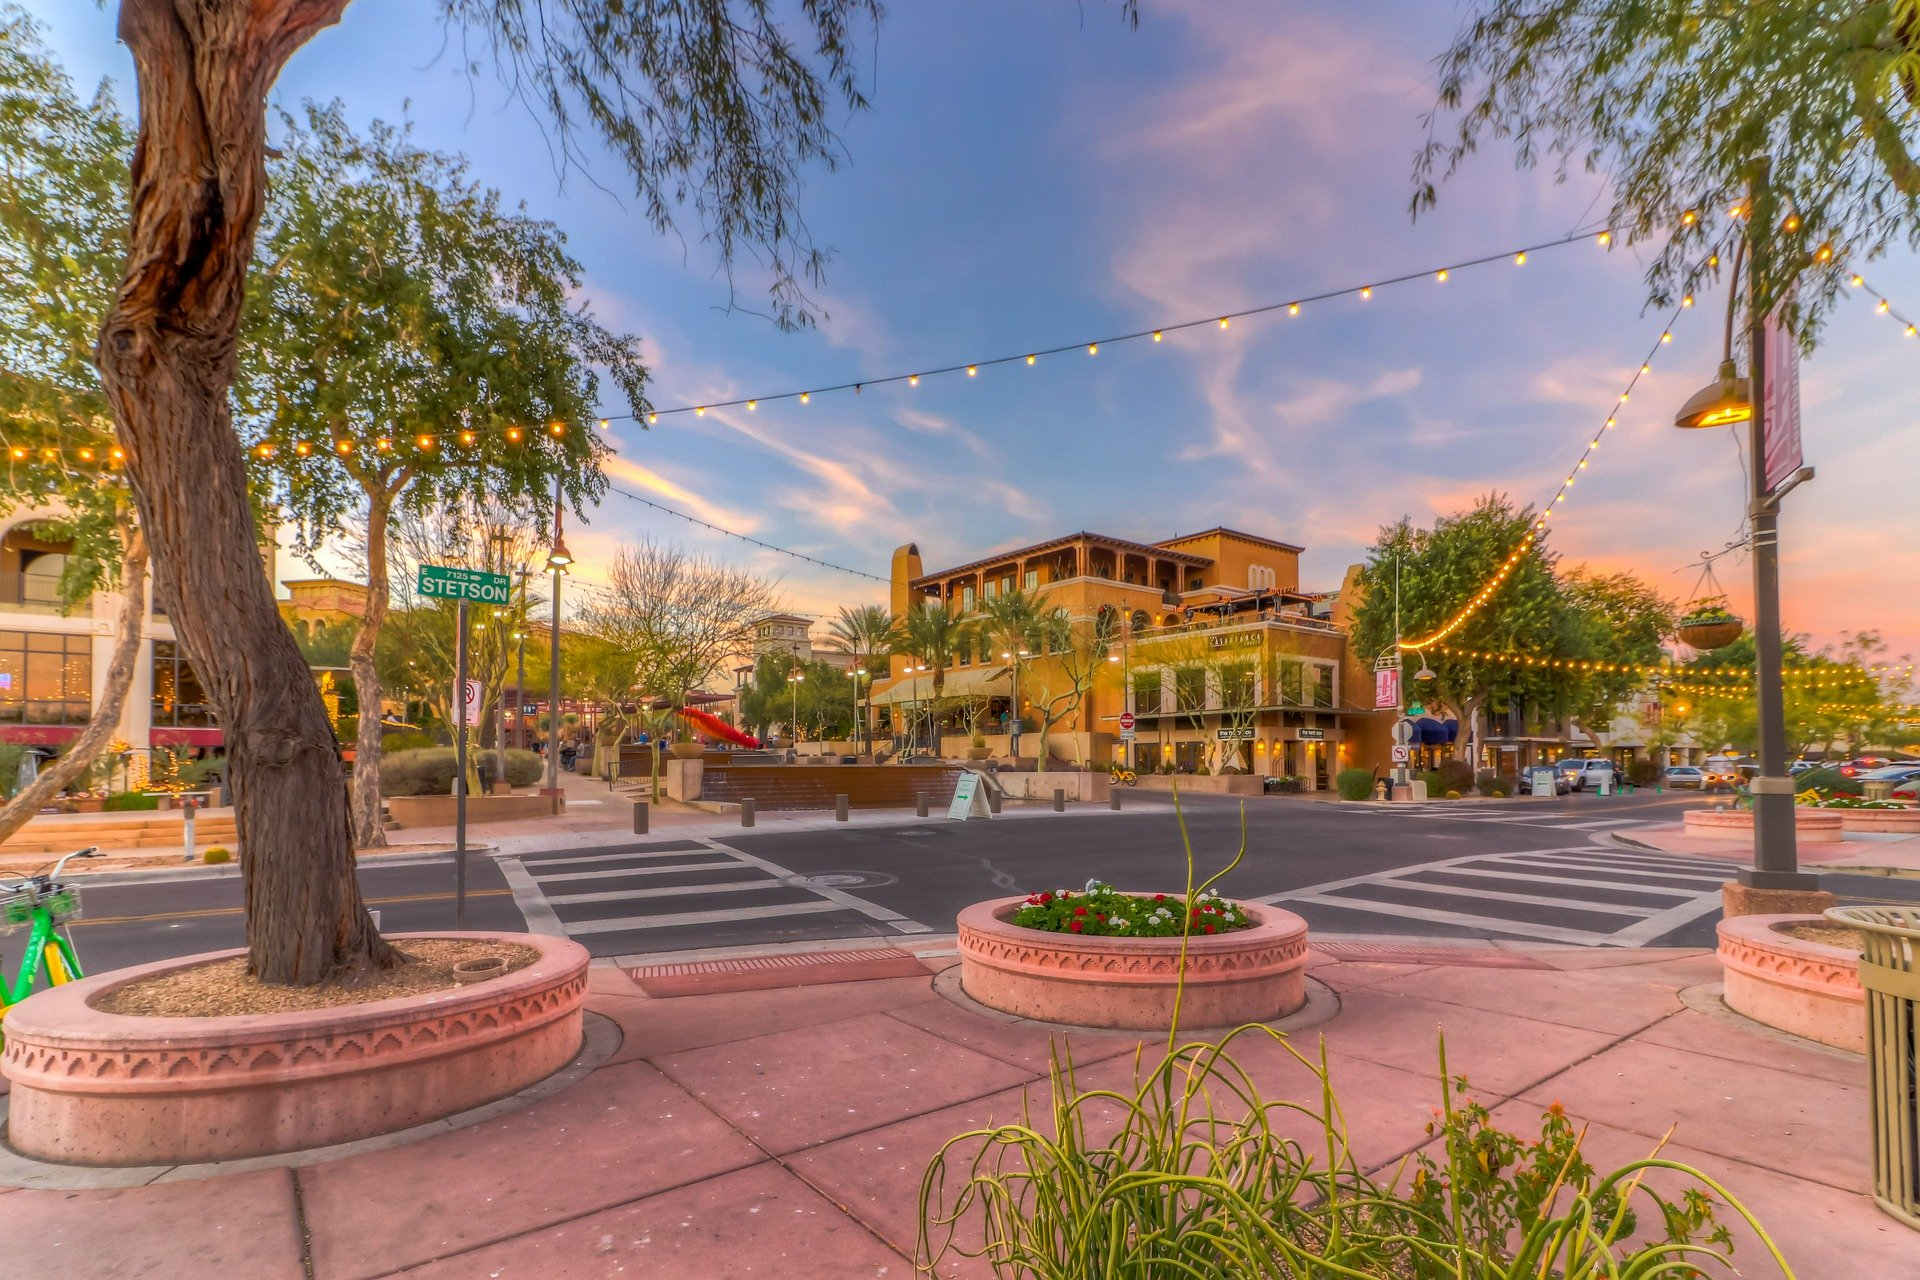 Scottsdale Arizona in the USA